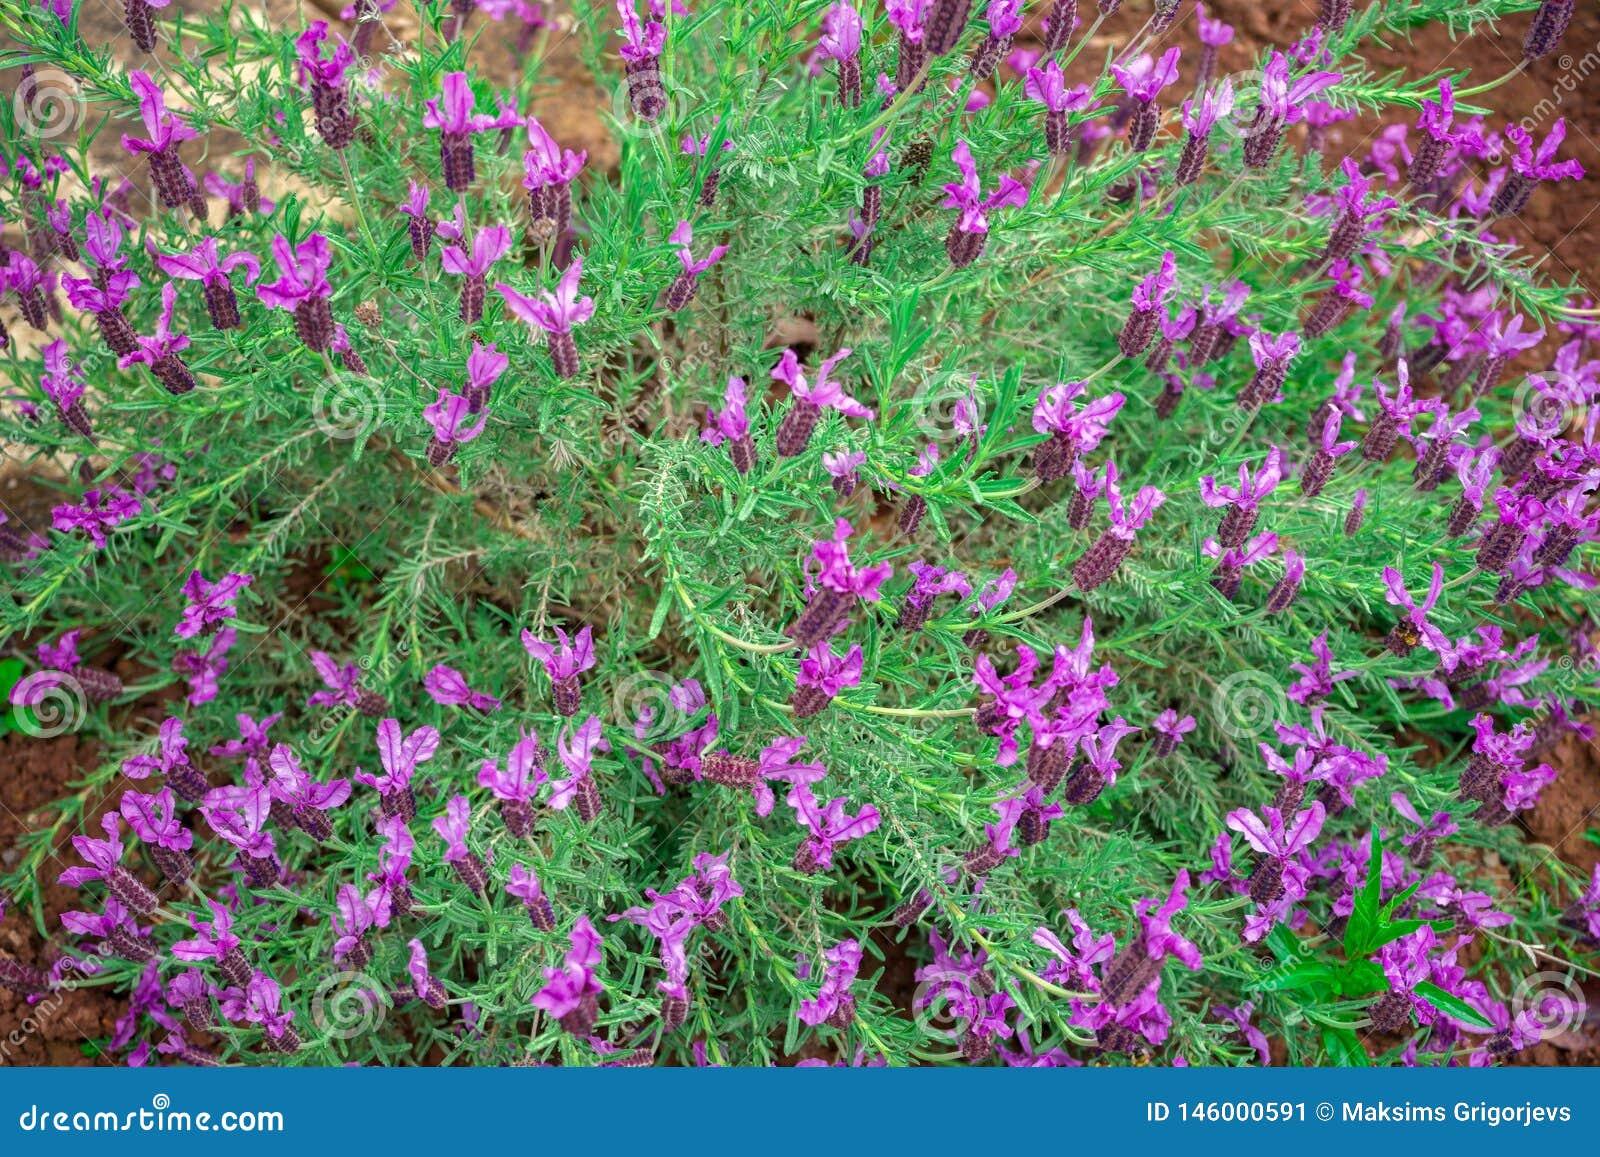 Lavanda p?rpura, floraci?n de la flor de la lavanda del Lavandula Angustifolia, aka com?n, verdadero